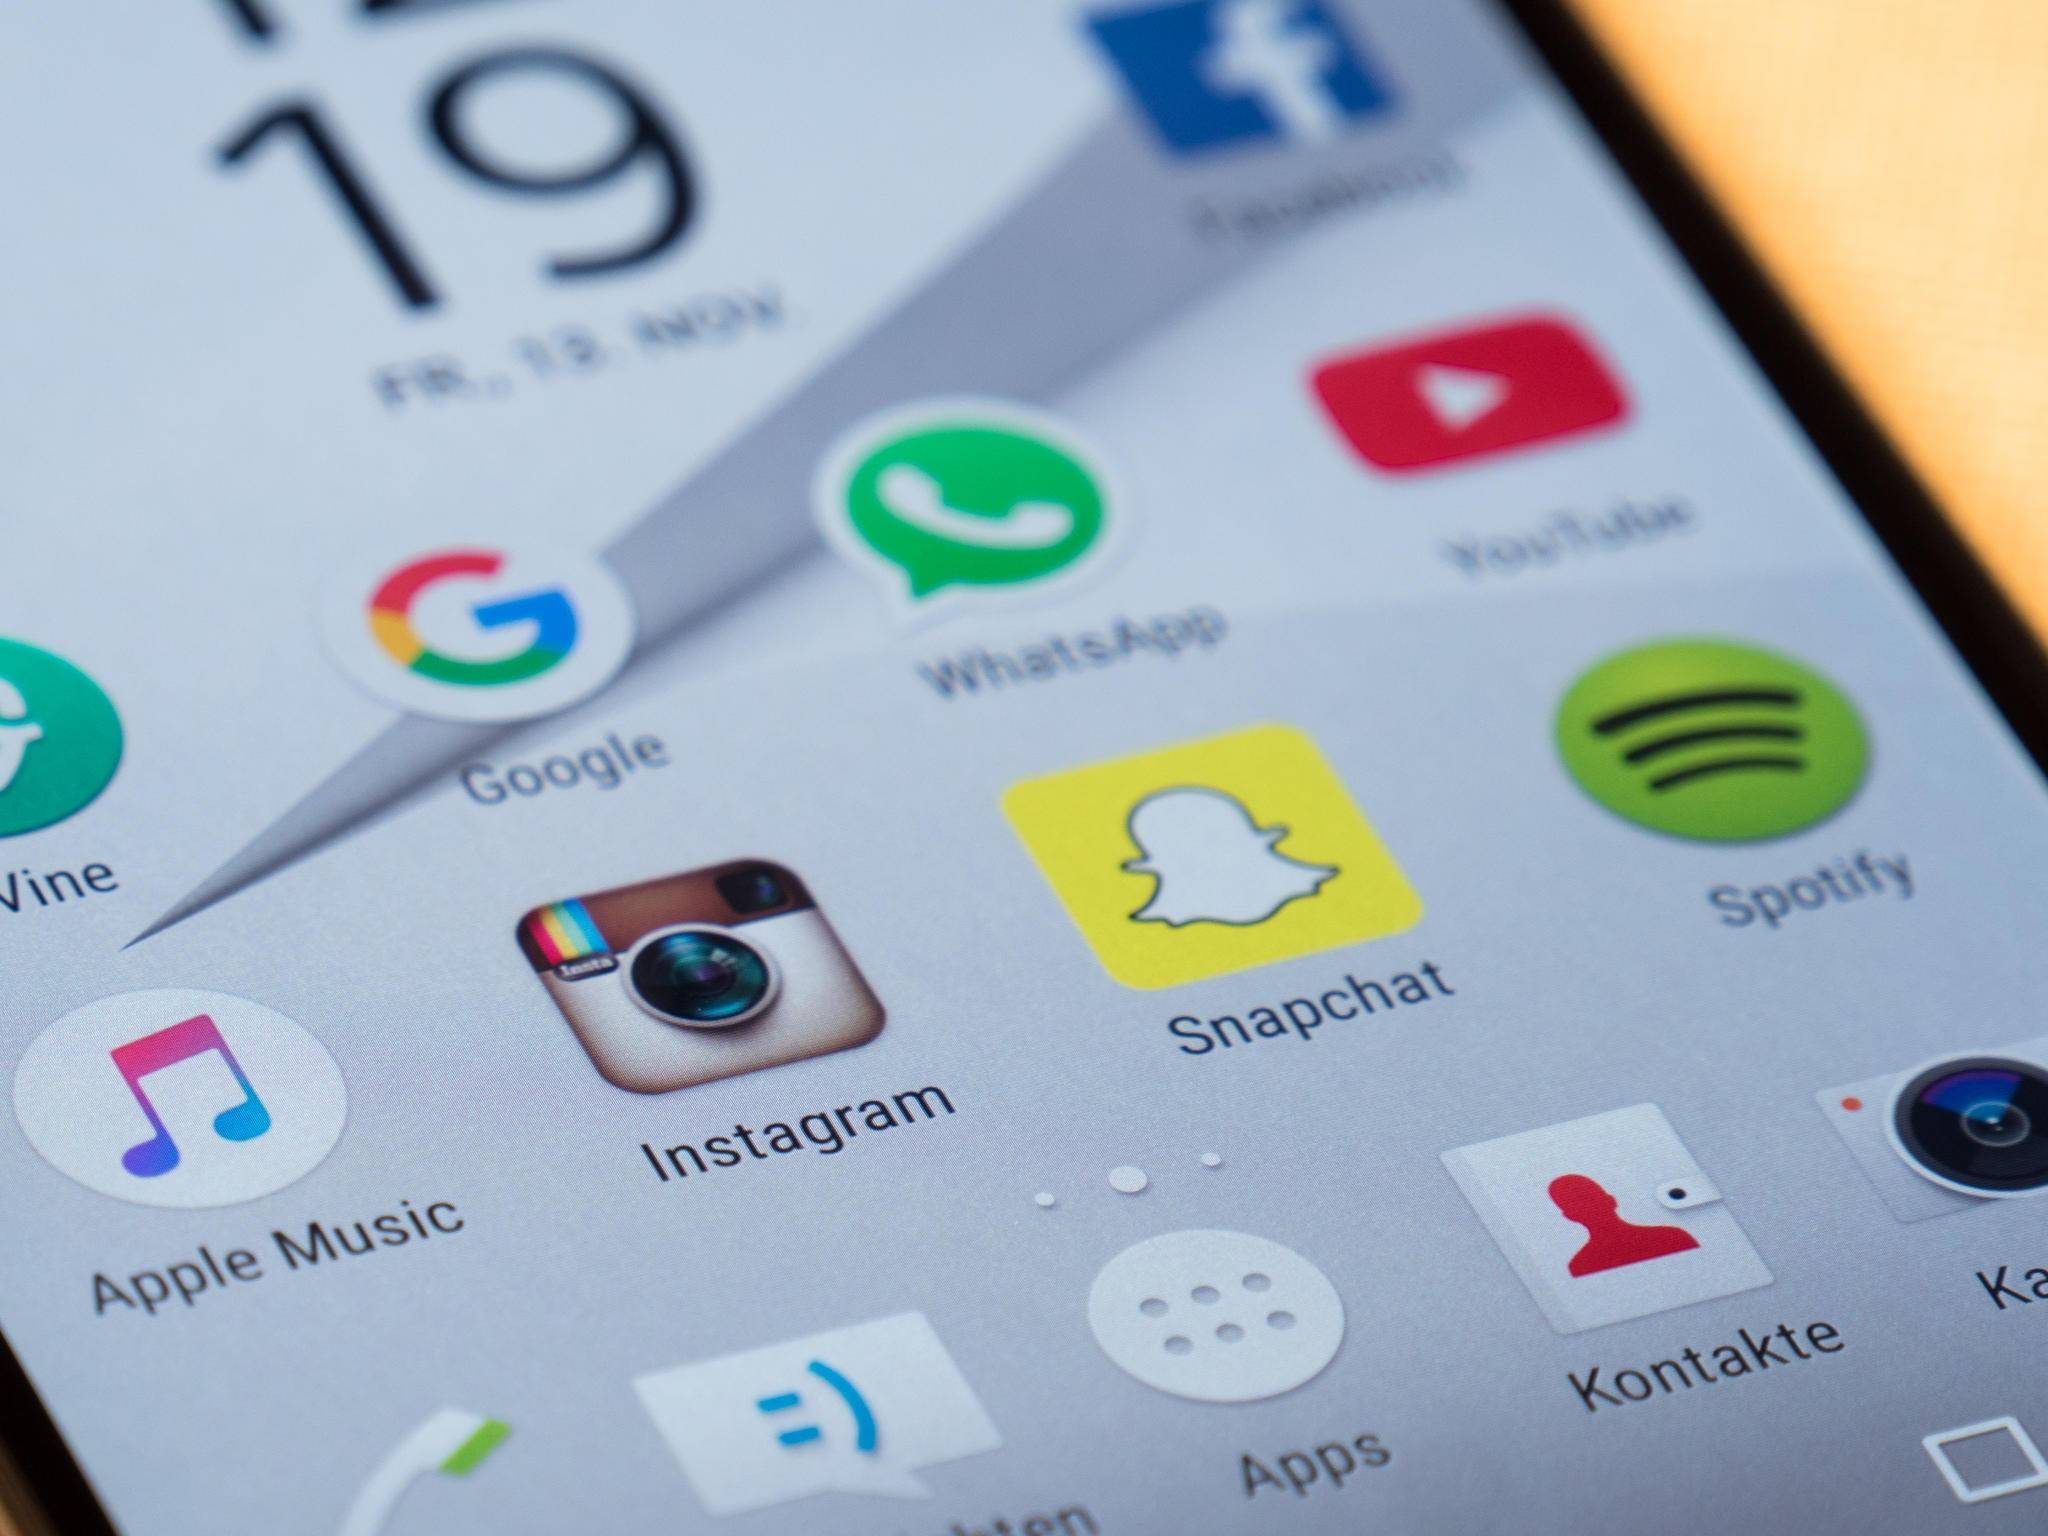 Android-Apps können vielleicht schon bald direkt aus der Google-Suche installiert werden.